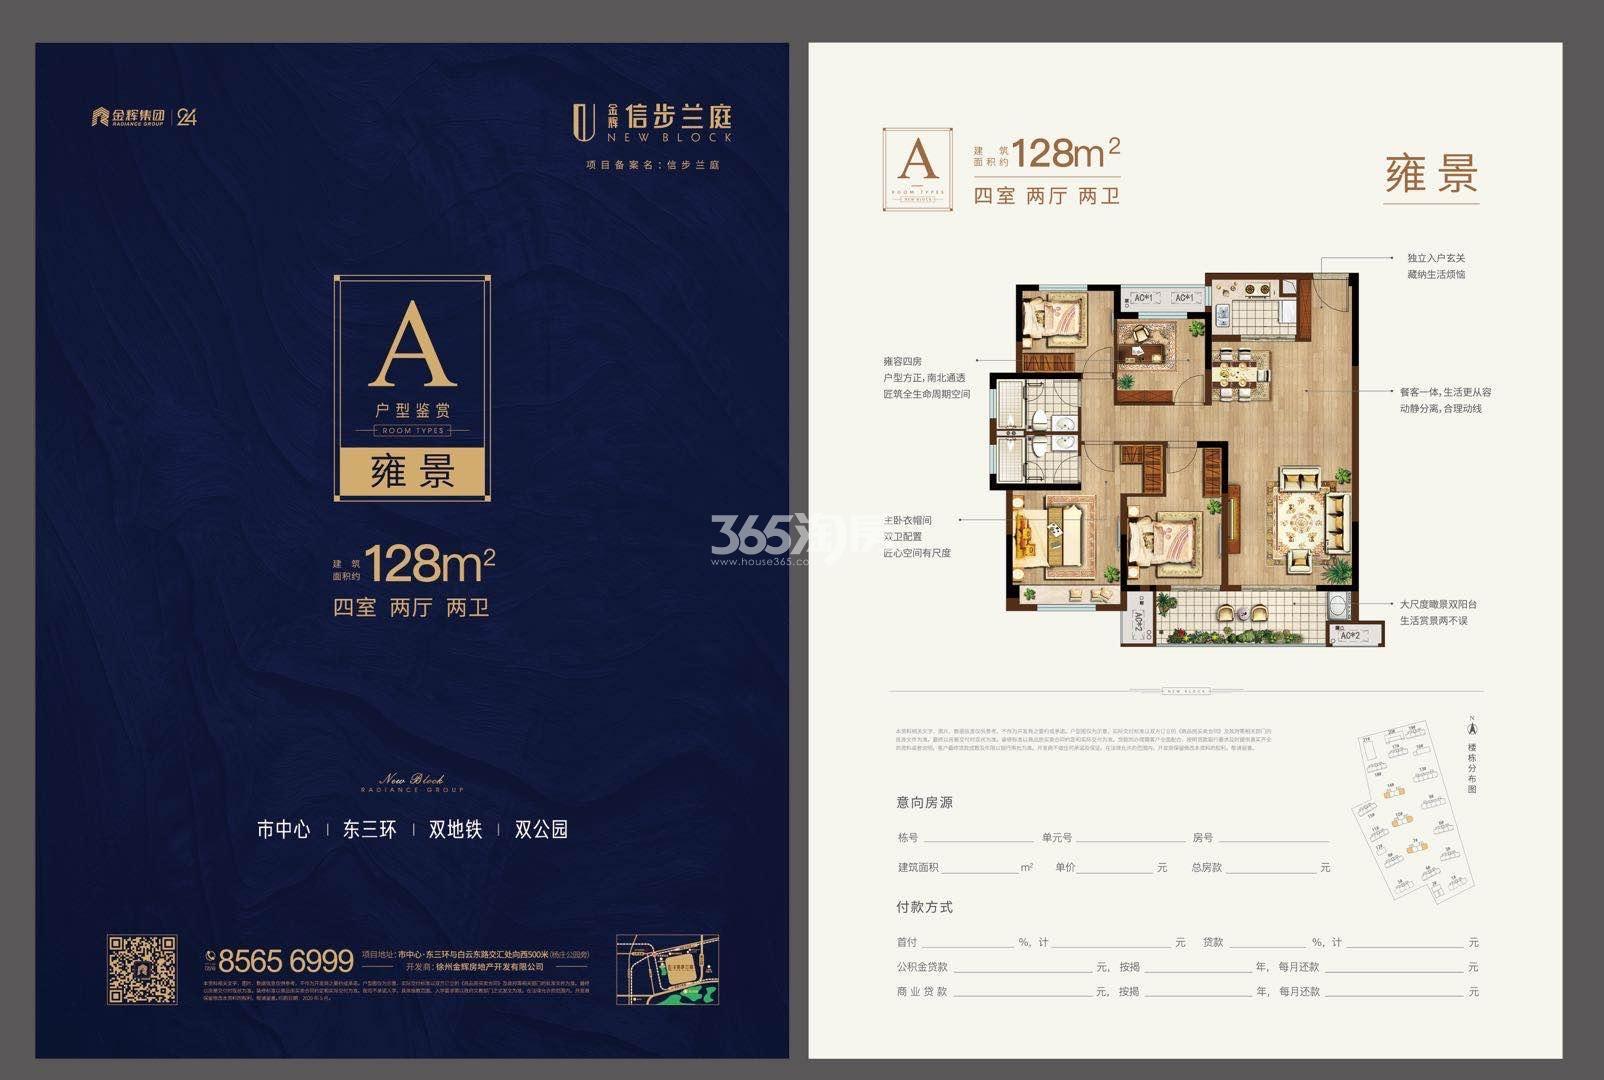 金辉信步兰庭A户型128平米四室两厅两卫